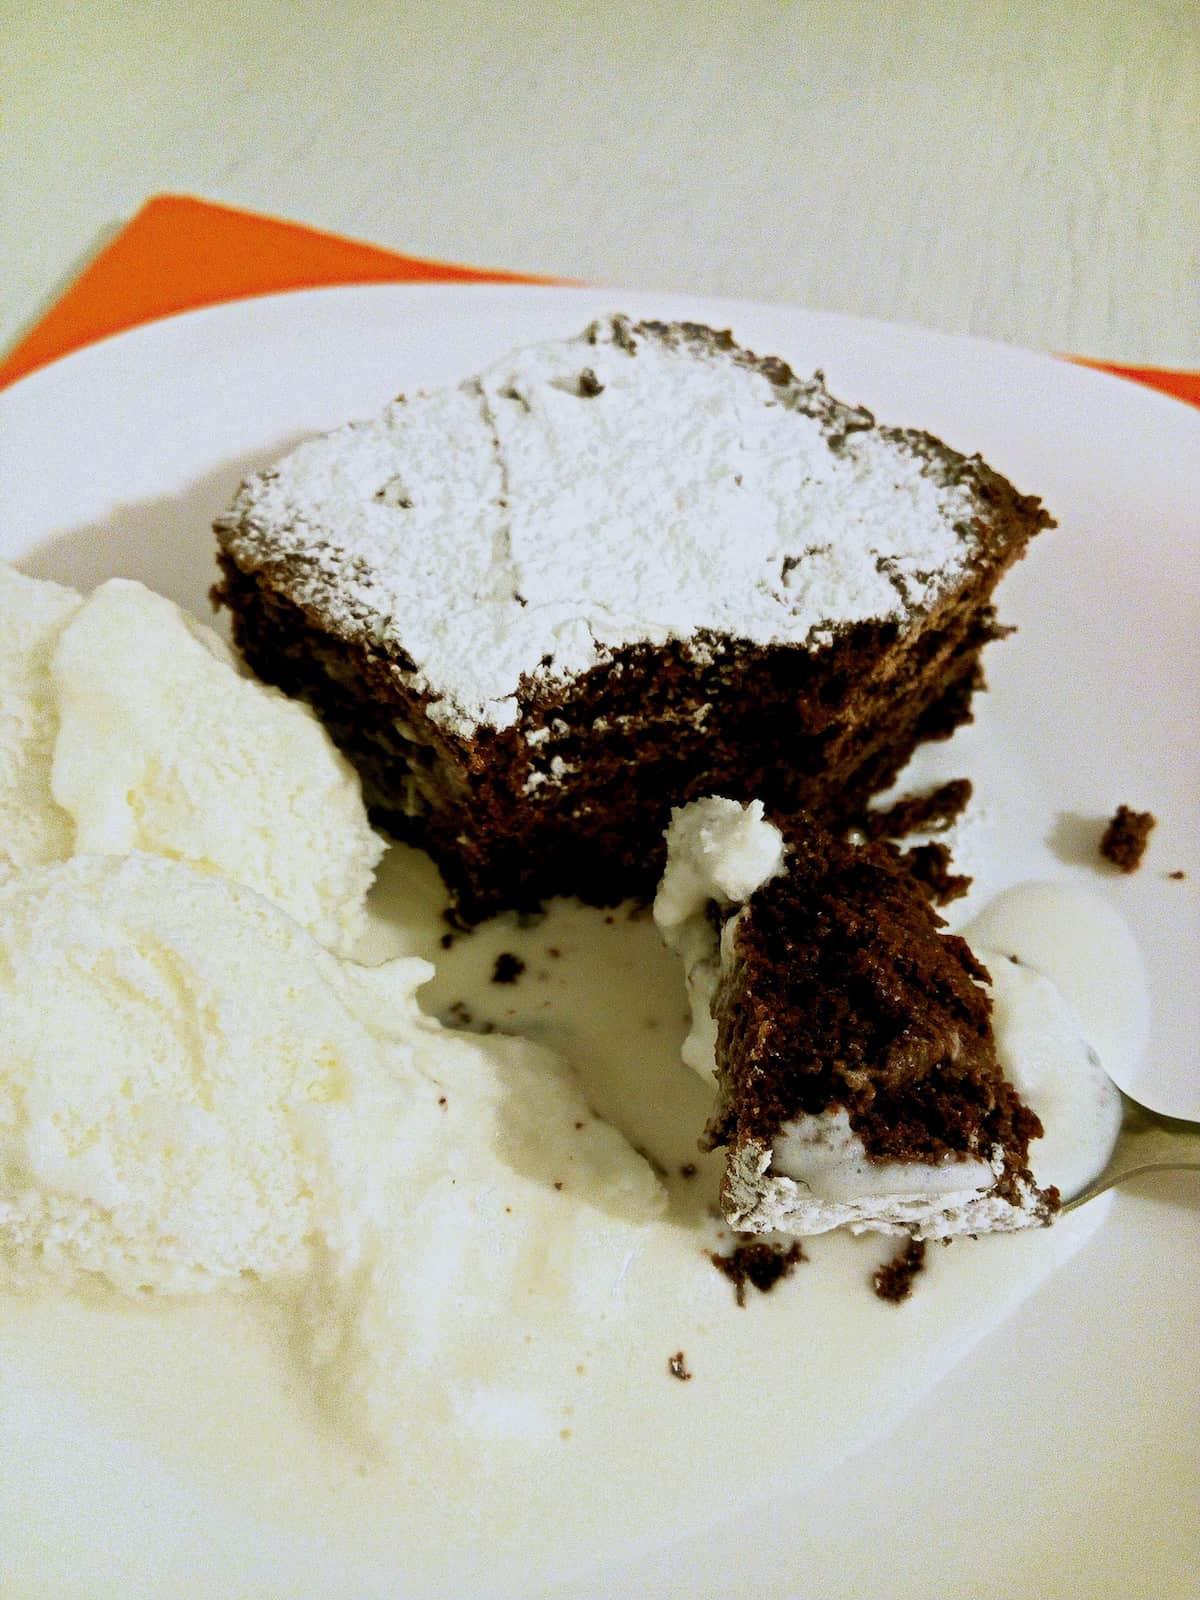 Keto Ricotta Dessert  SUGAR FREE KETO CHOCOLATE RICOTTA CAKE